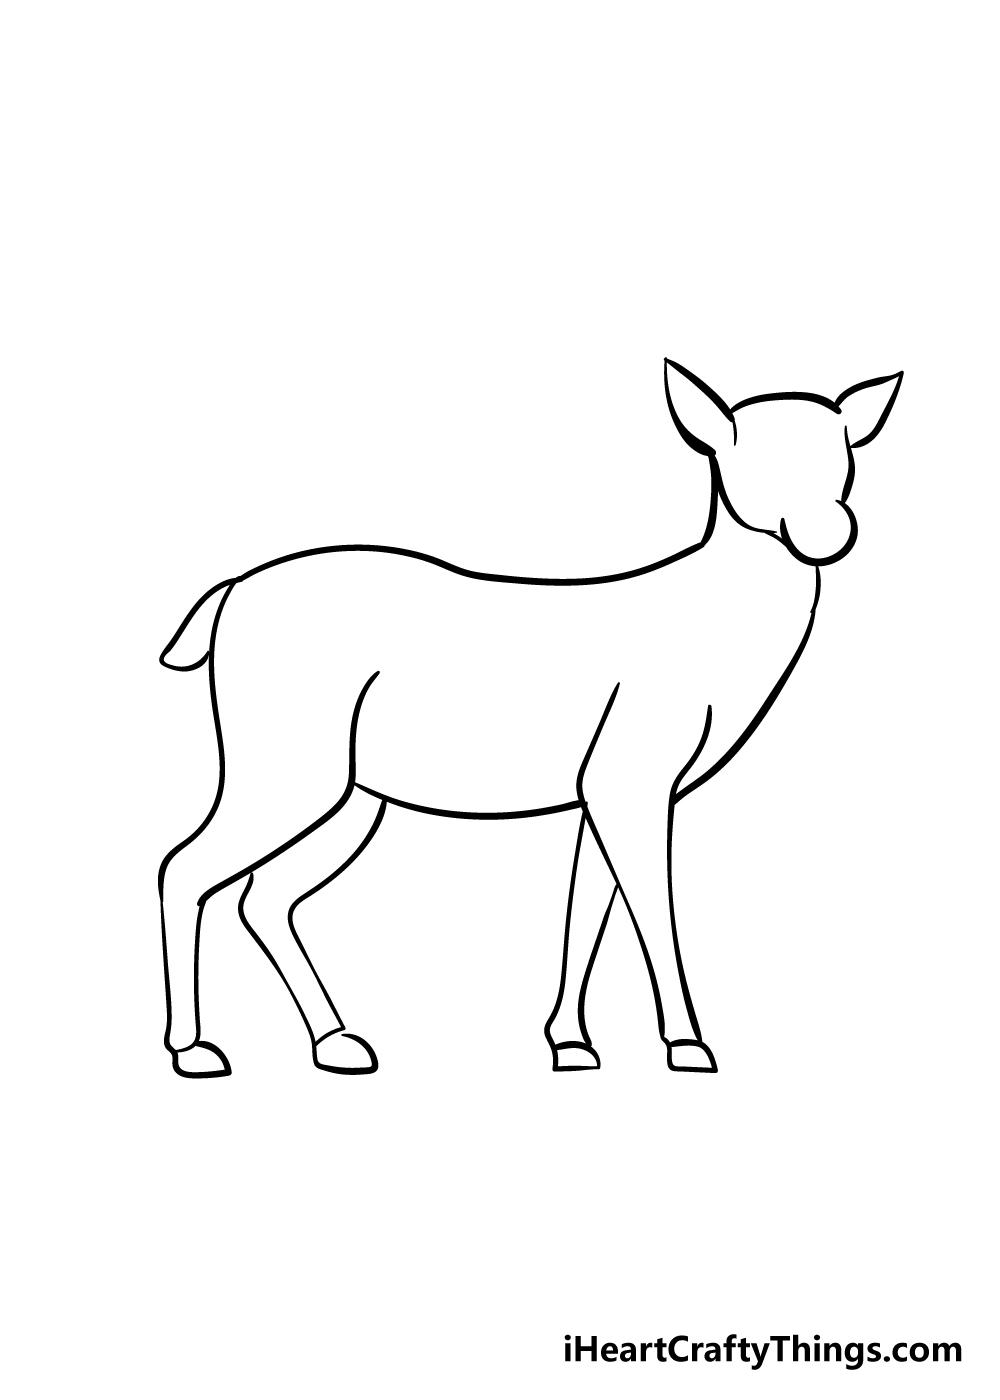 drawing deer step 5